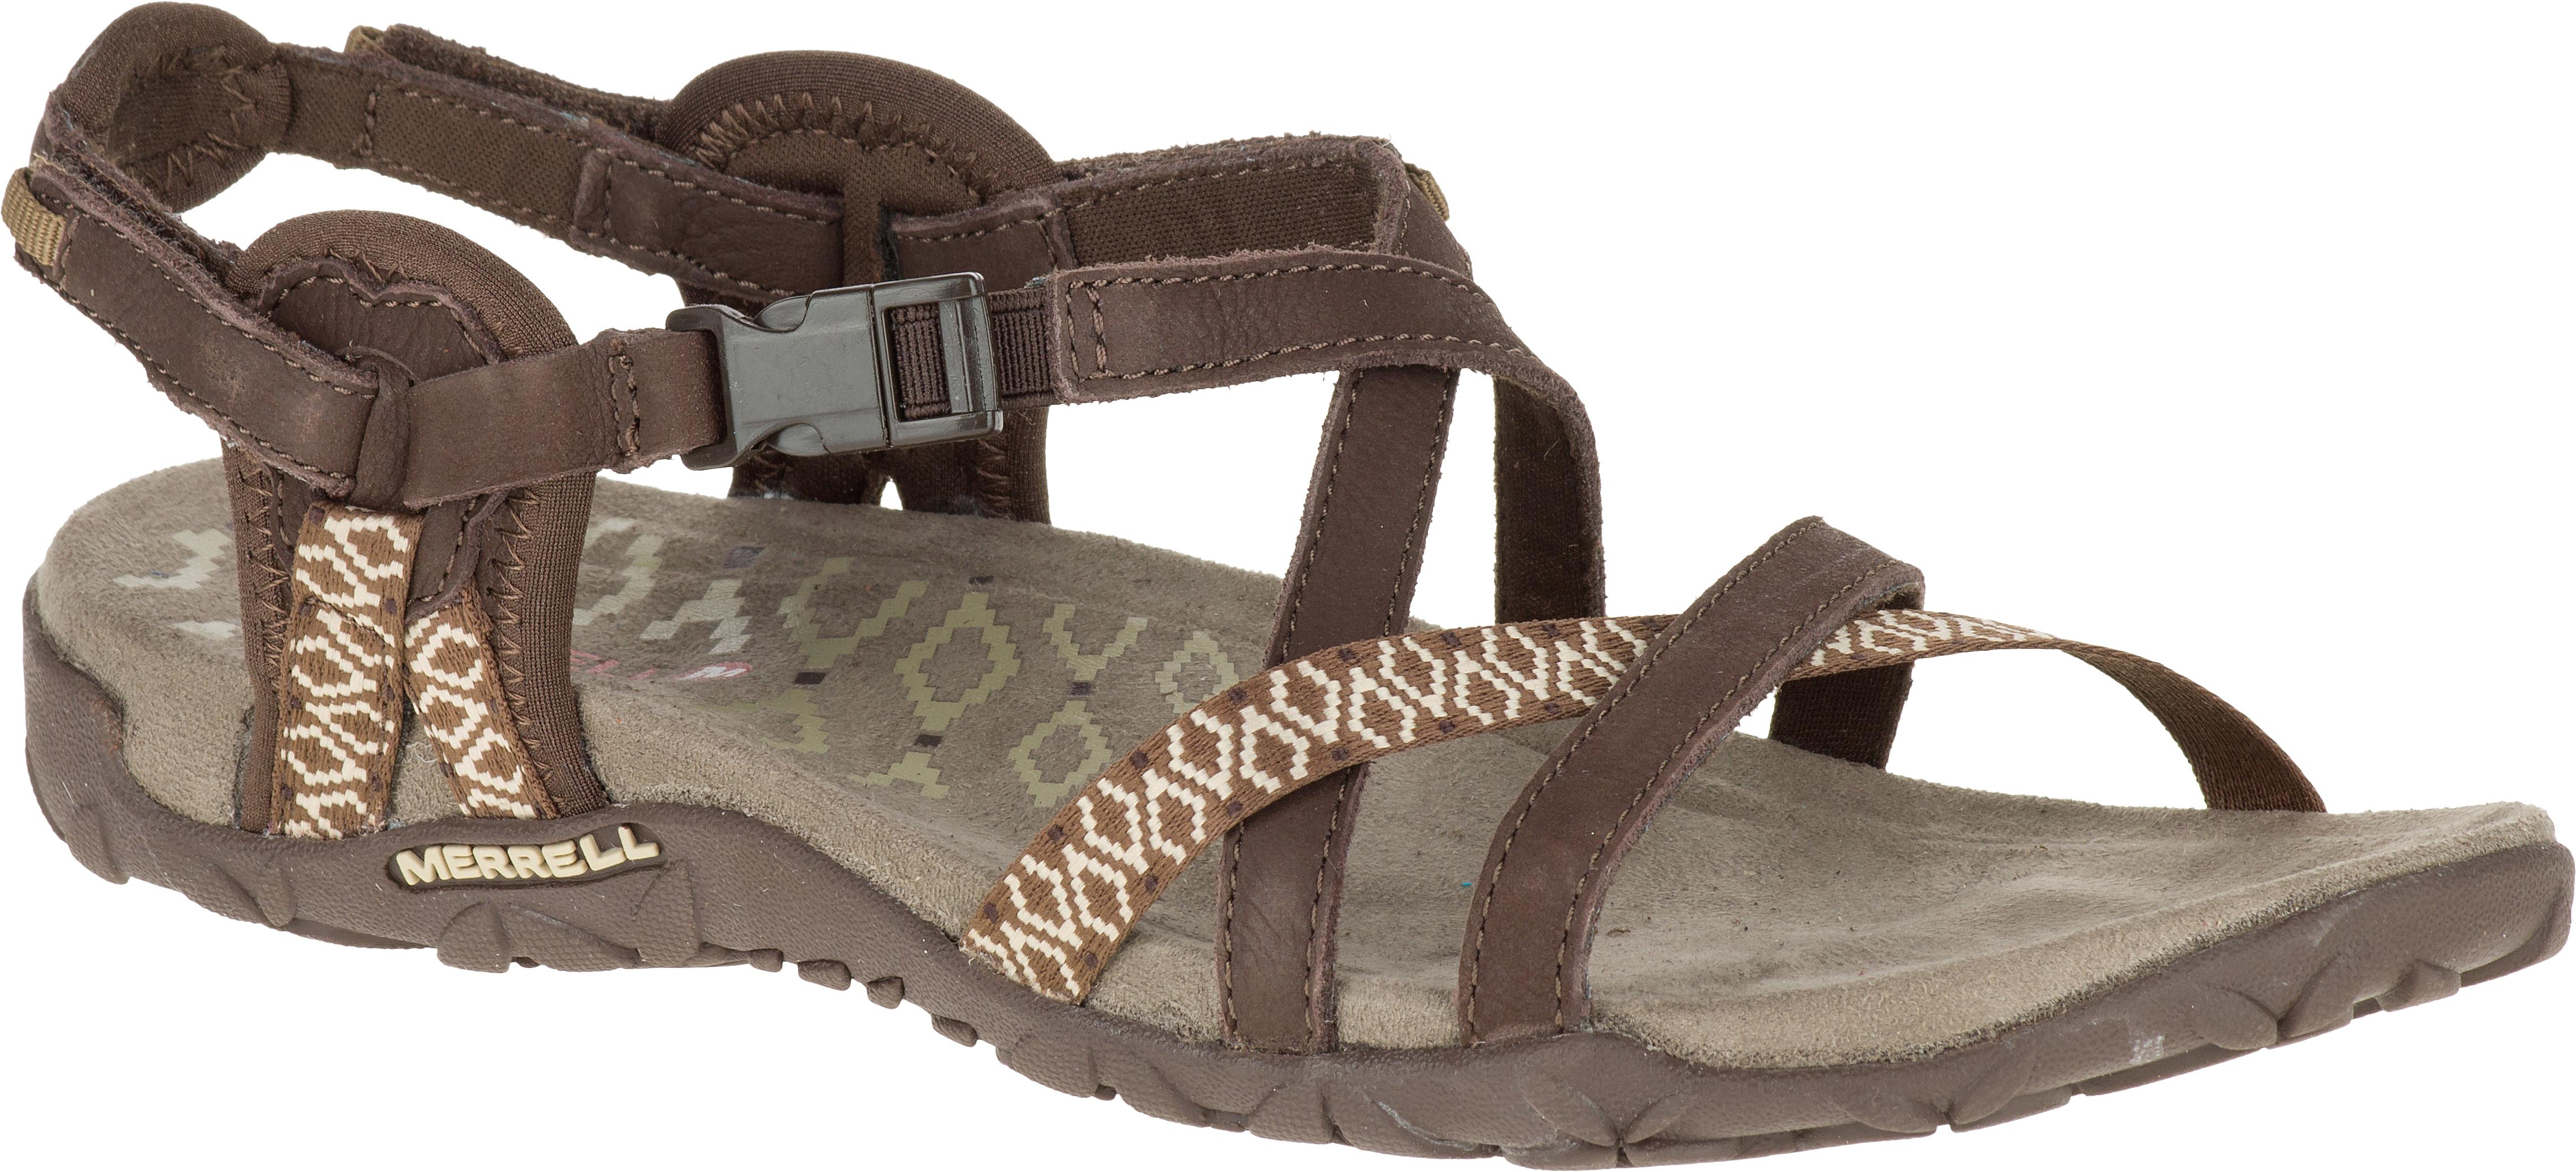 Merrell Lattice Ii Women's Sandals Terran 2YeIbWEDH9